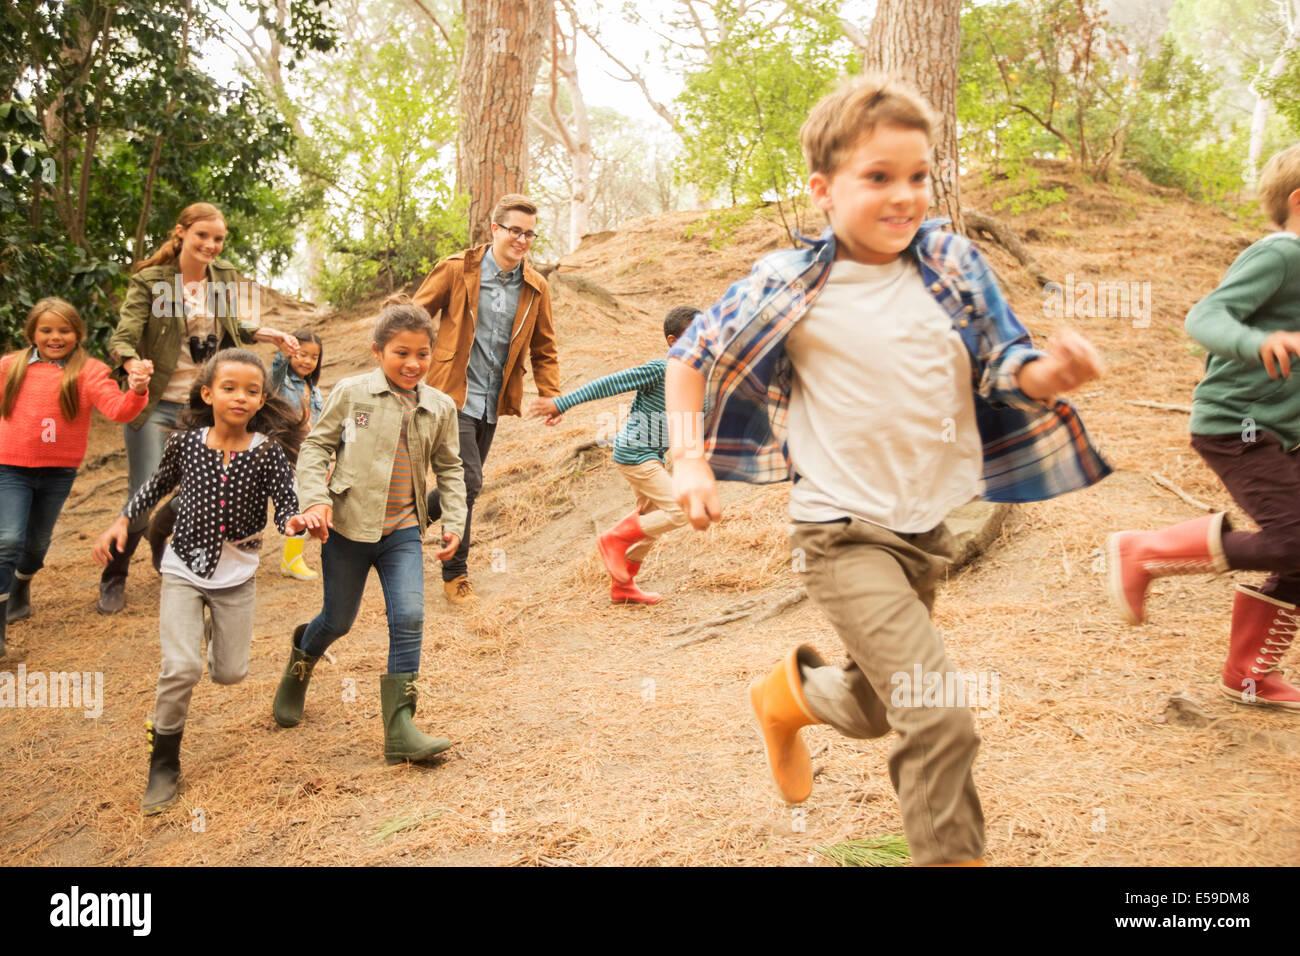 Los niños corriendo en el bosque Foto de stock